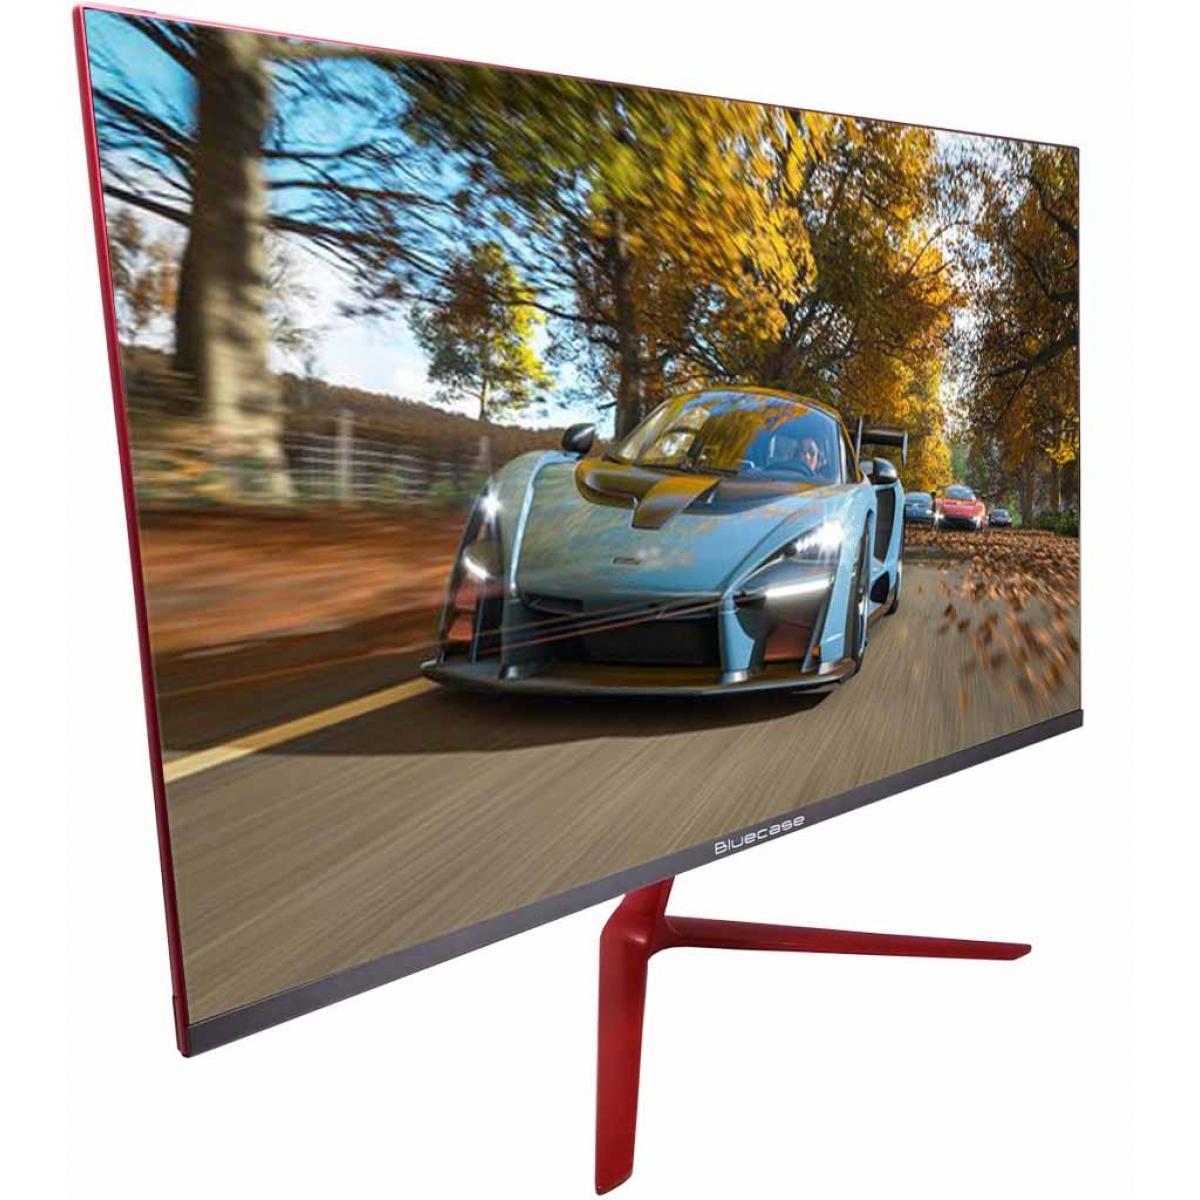 Monitor Gamer Bluecase 27 Pol, Quad HD, BM273GW